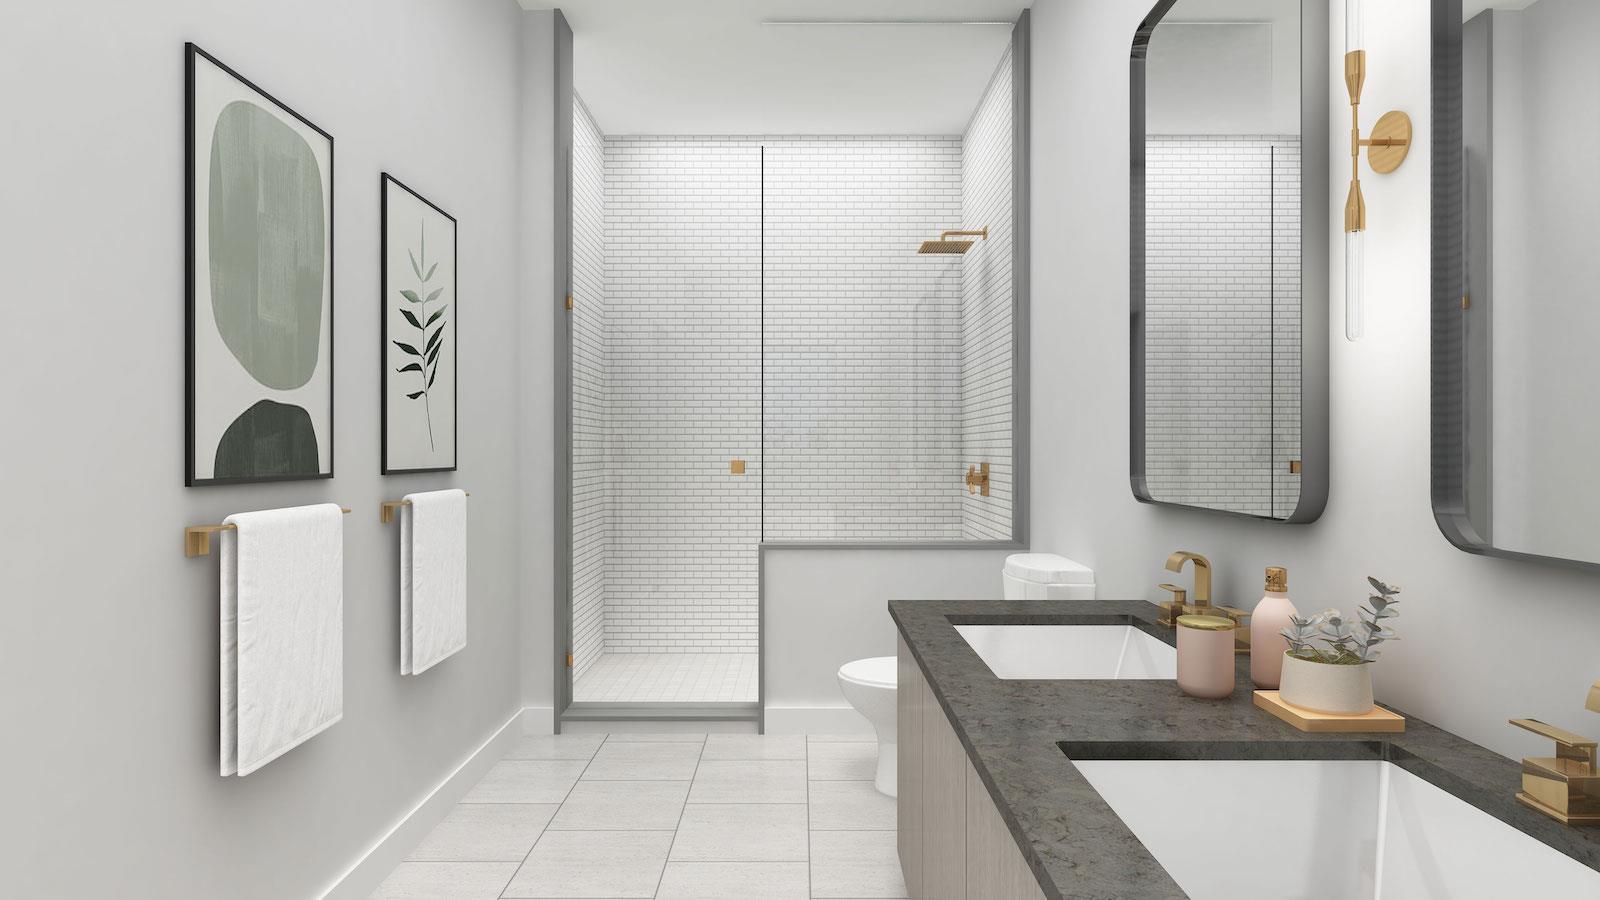 NuTowns_Bathroom